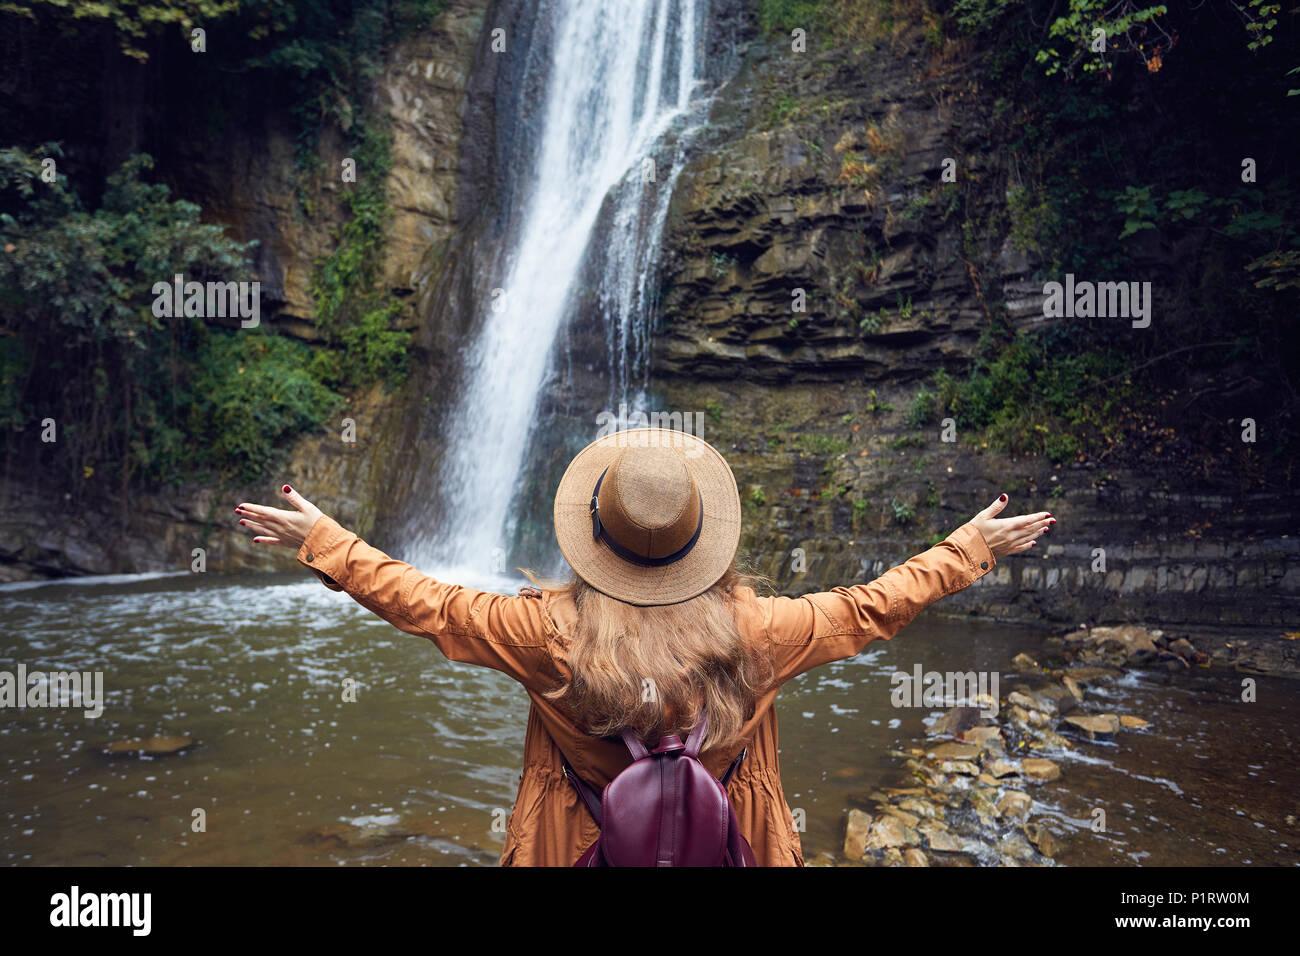 Woman in Hat prends sa main près de cascade dans le Jardin Botanique à Tbilissi, Géorgie Photo Stock